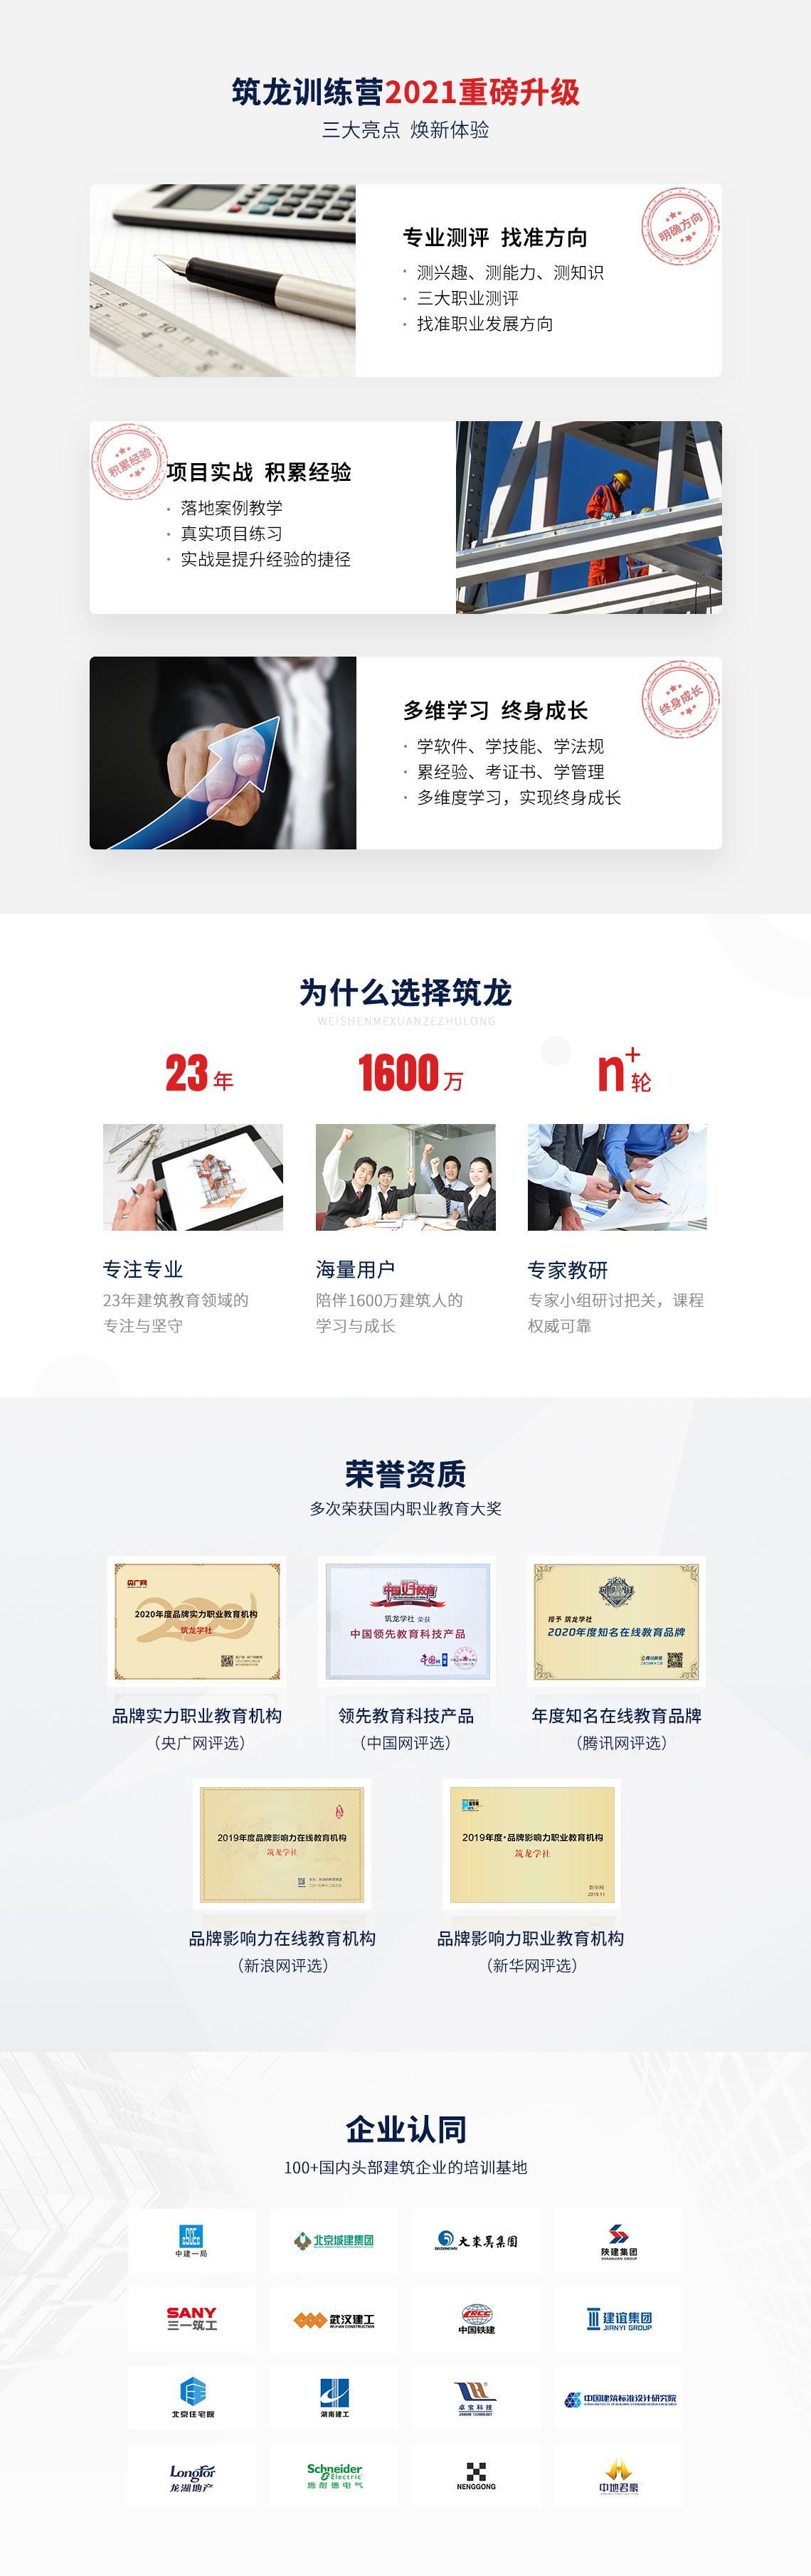 筑龙学社企业资质及企业合作。